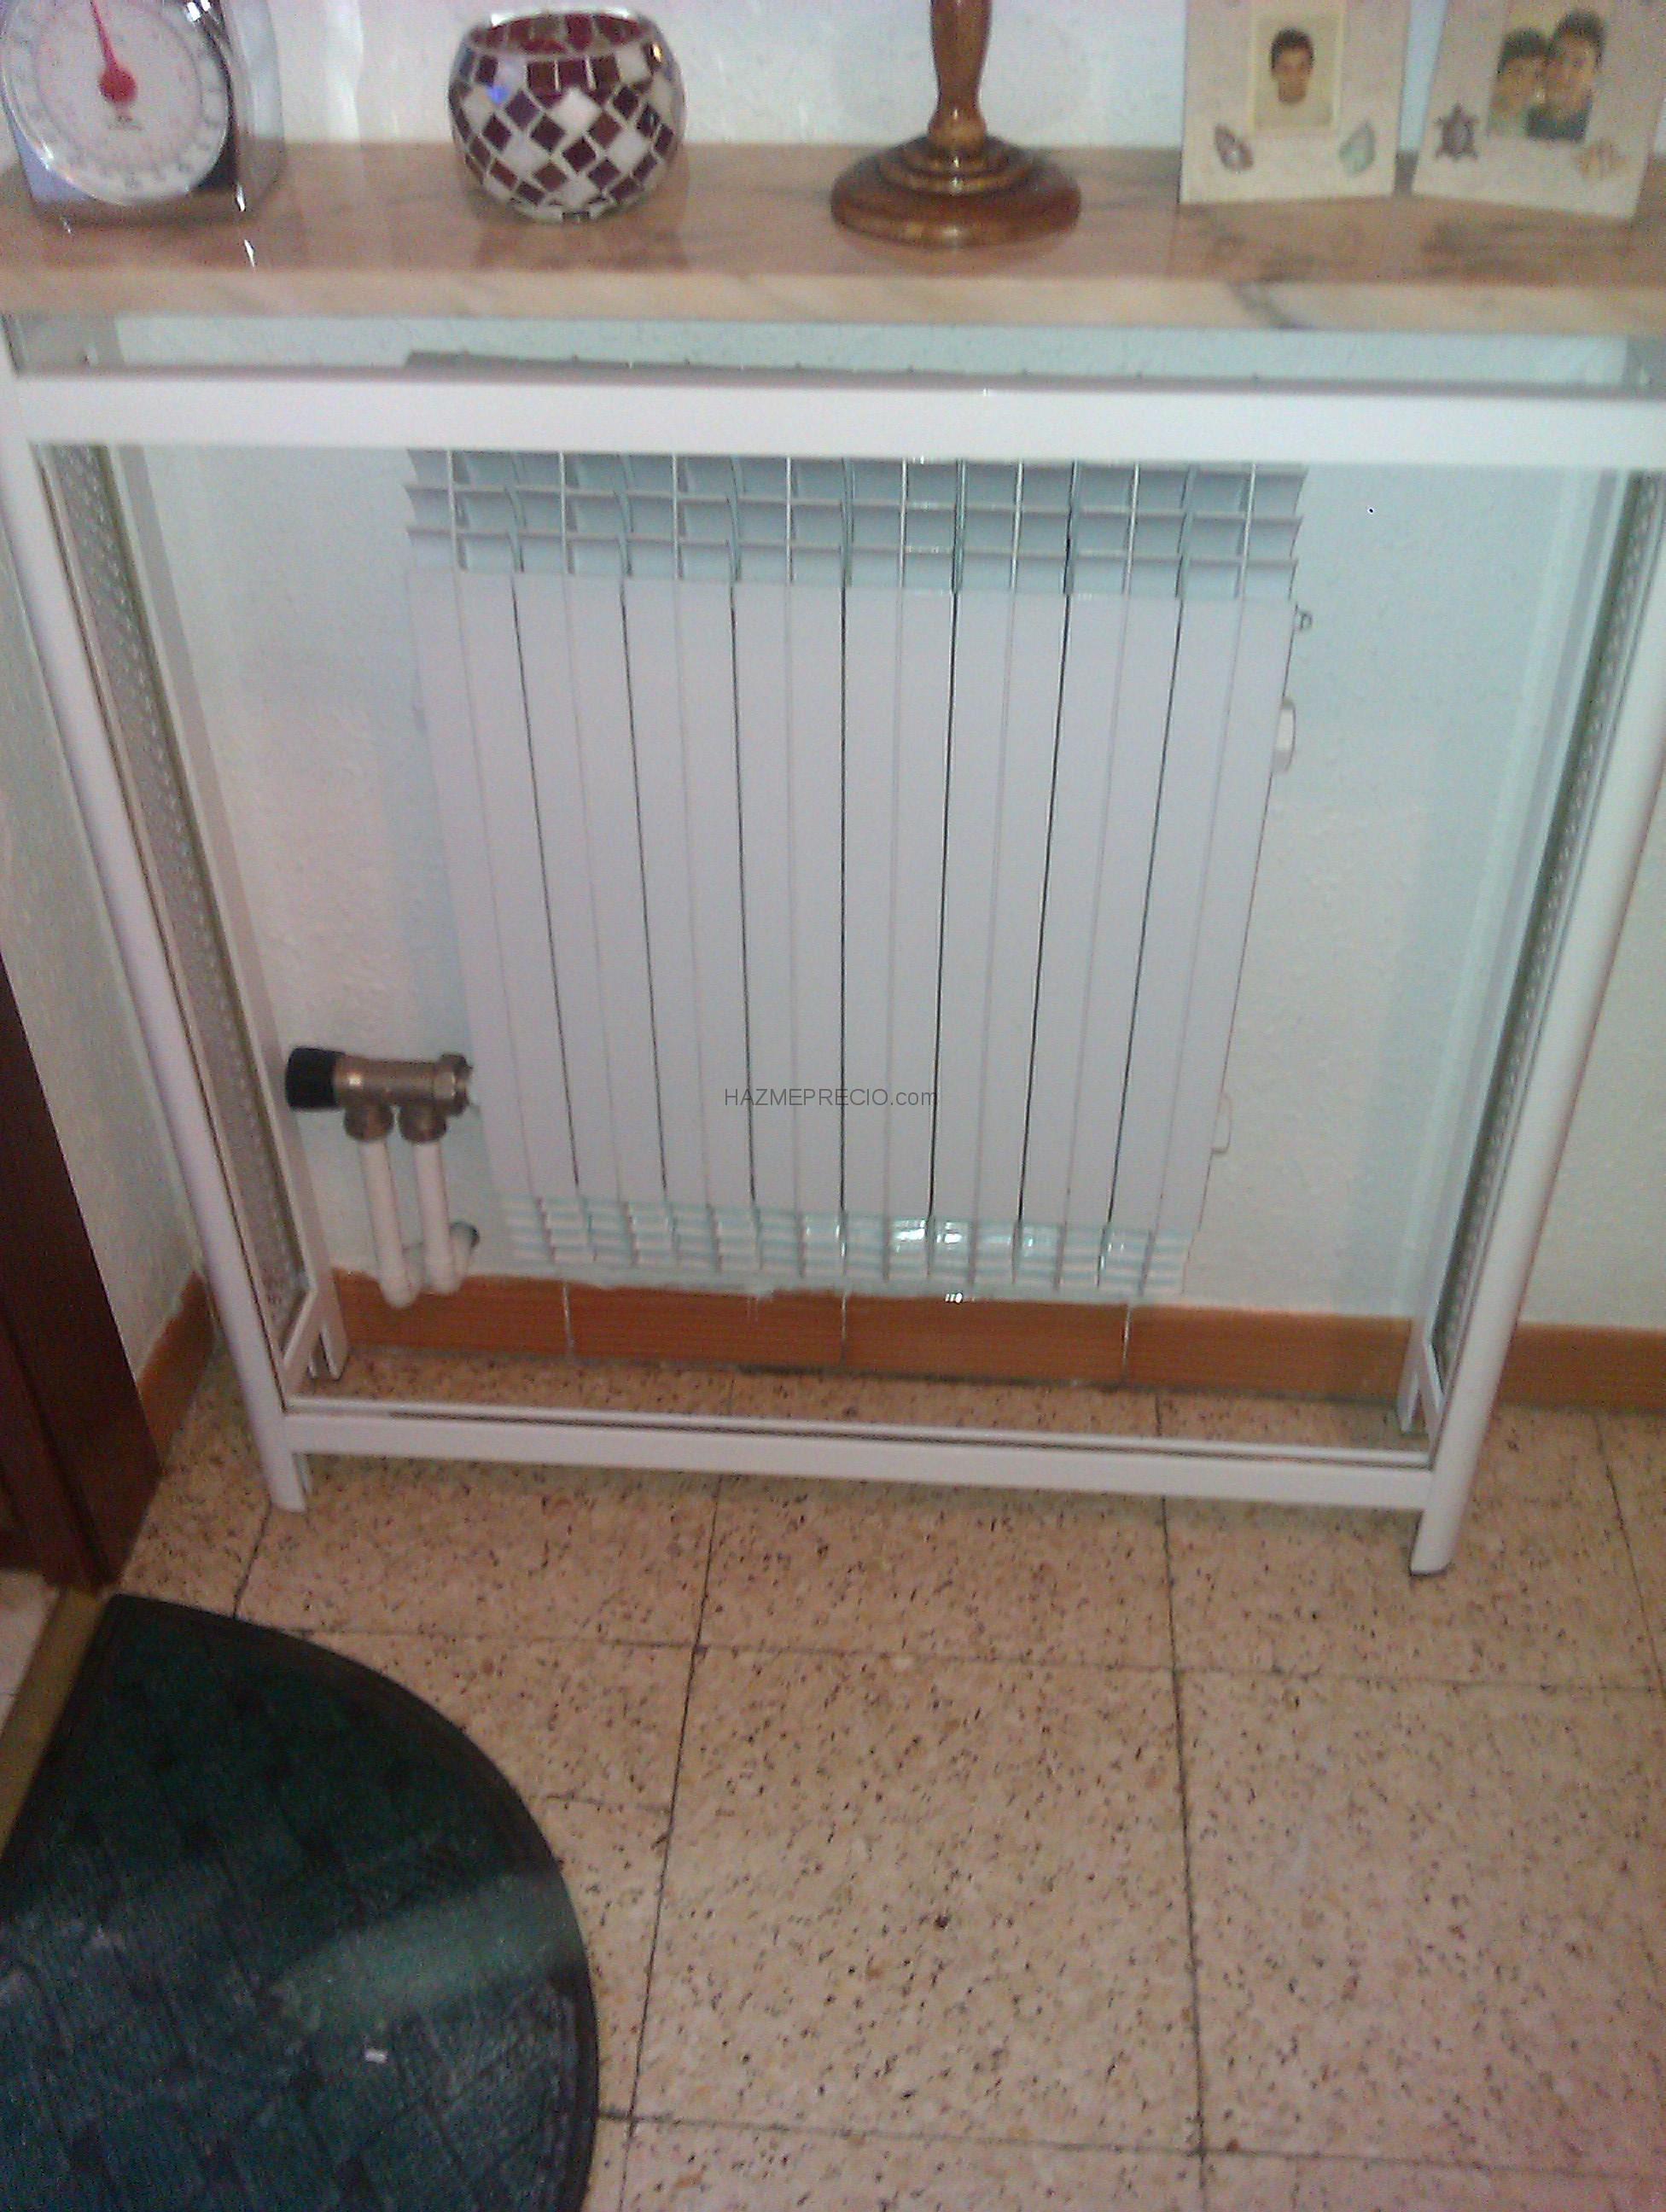 Presupuesto para instalar calefaccion de gas natural para - Instalar calefaccion gas ...